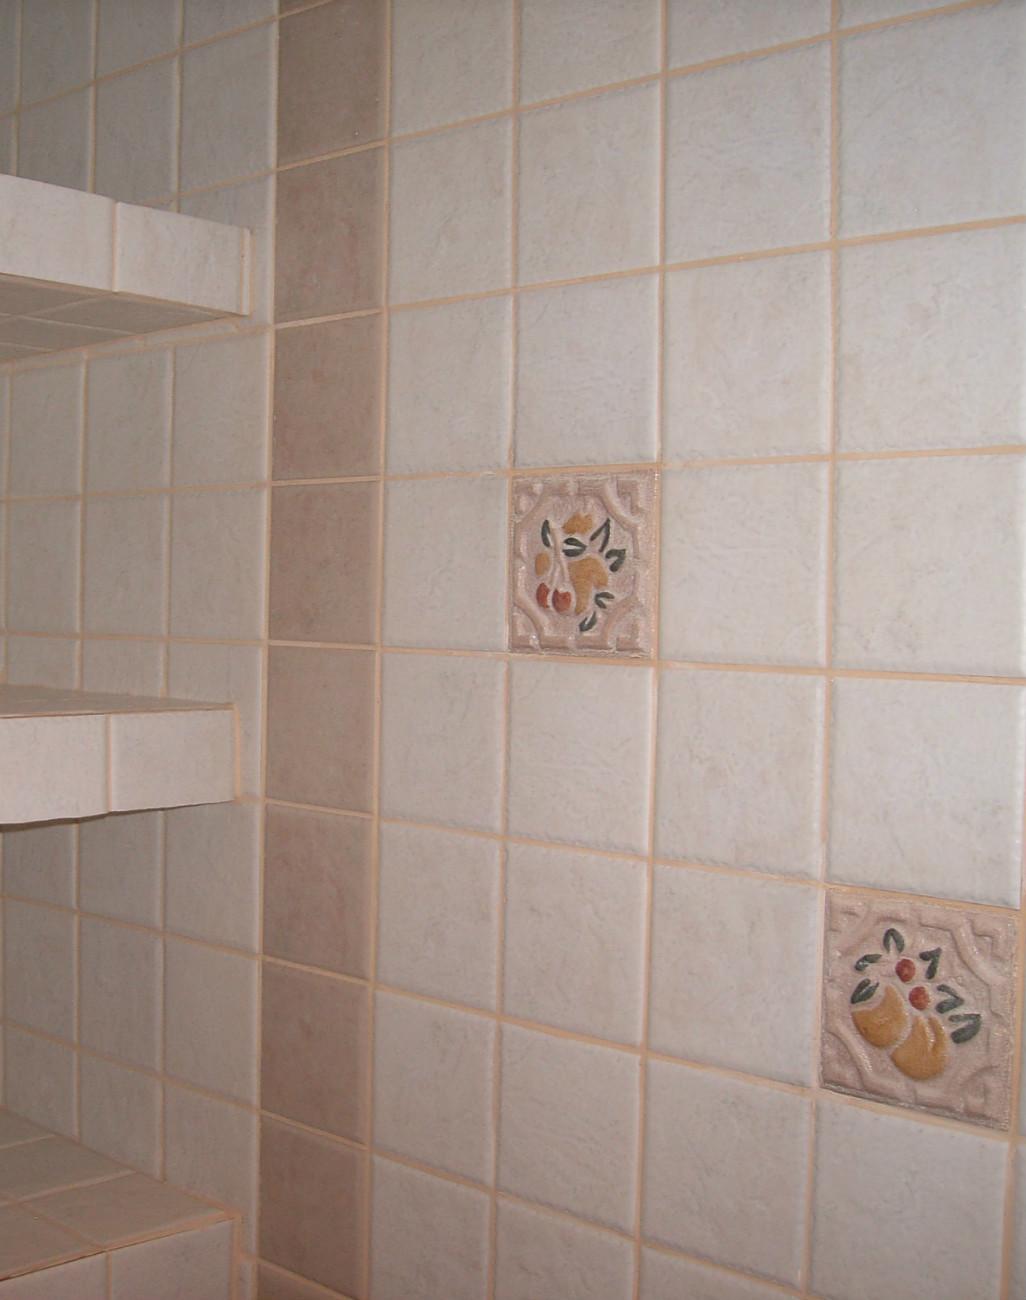 estantera de obra tiene una carpintera corredera para ocultar el espacio de  almacenaje la mampara de la ducha se fija a la pared del with estanterias  de ... b959c19c8fb3